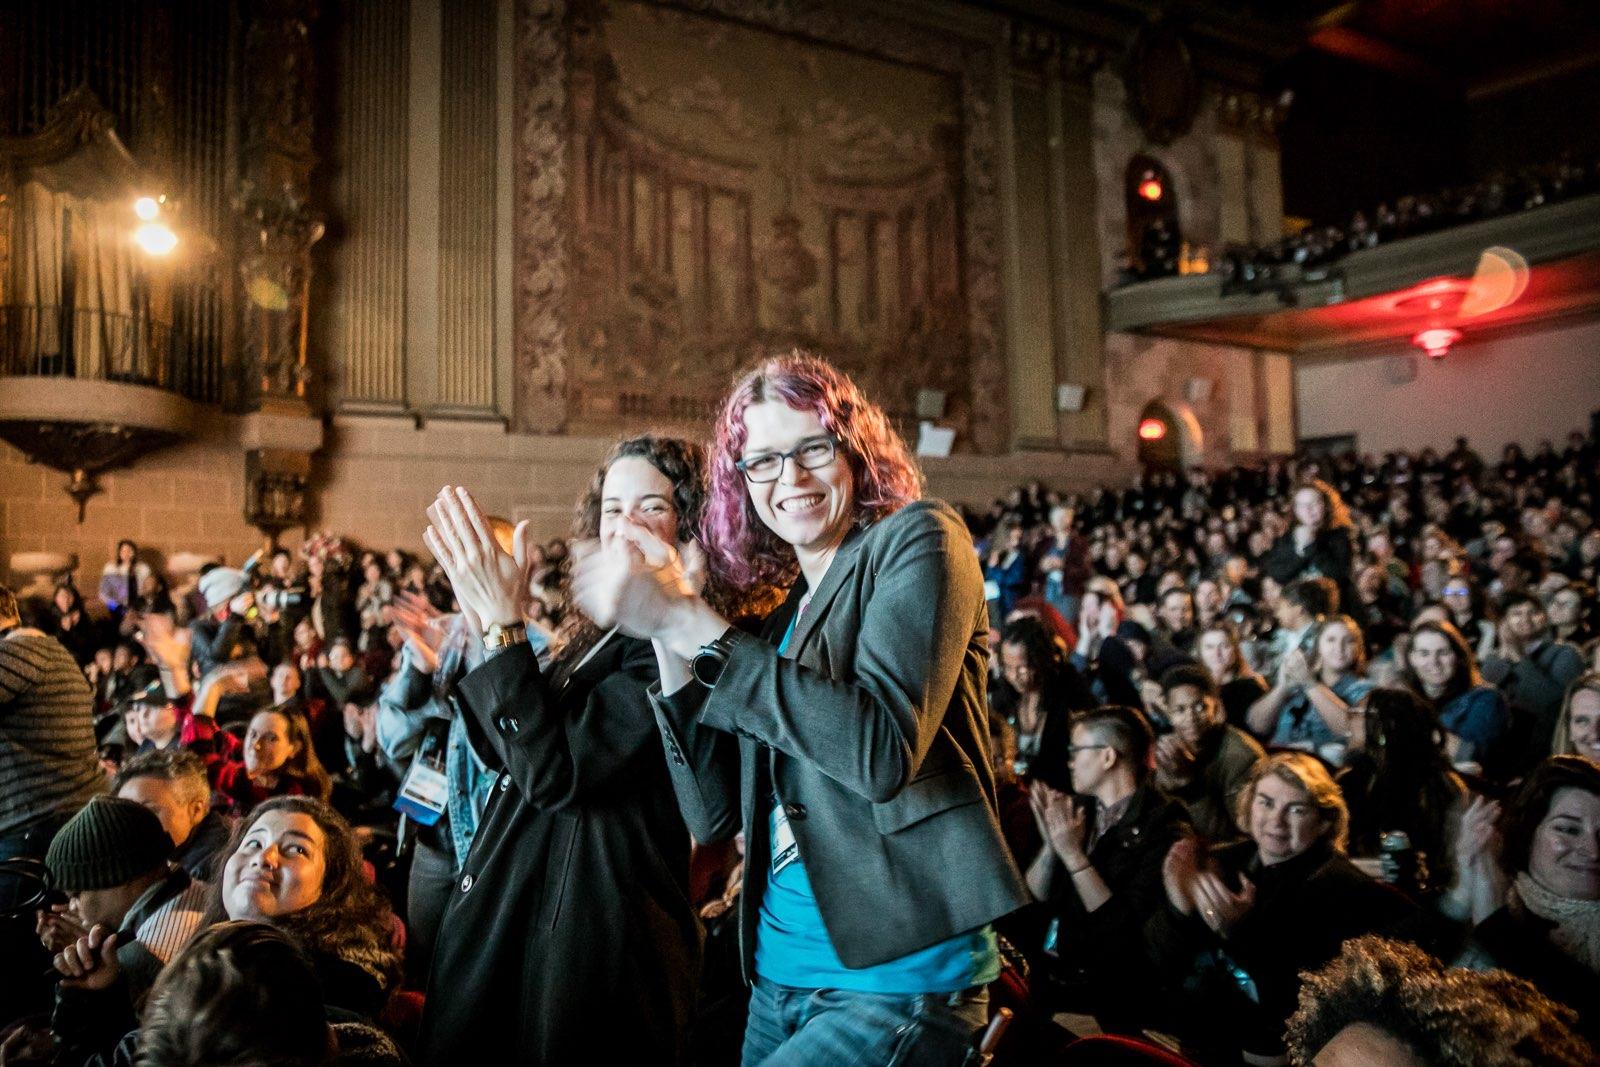 lesbians-who-tech-sf-castro-theatre